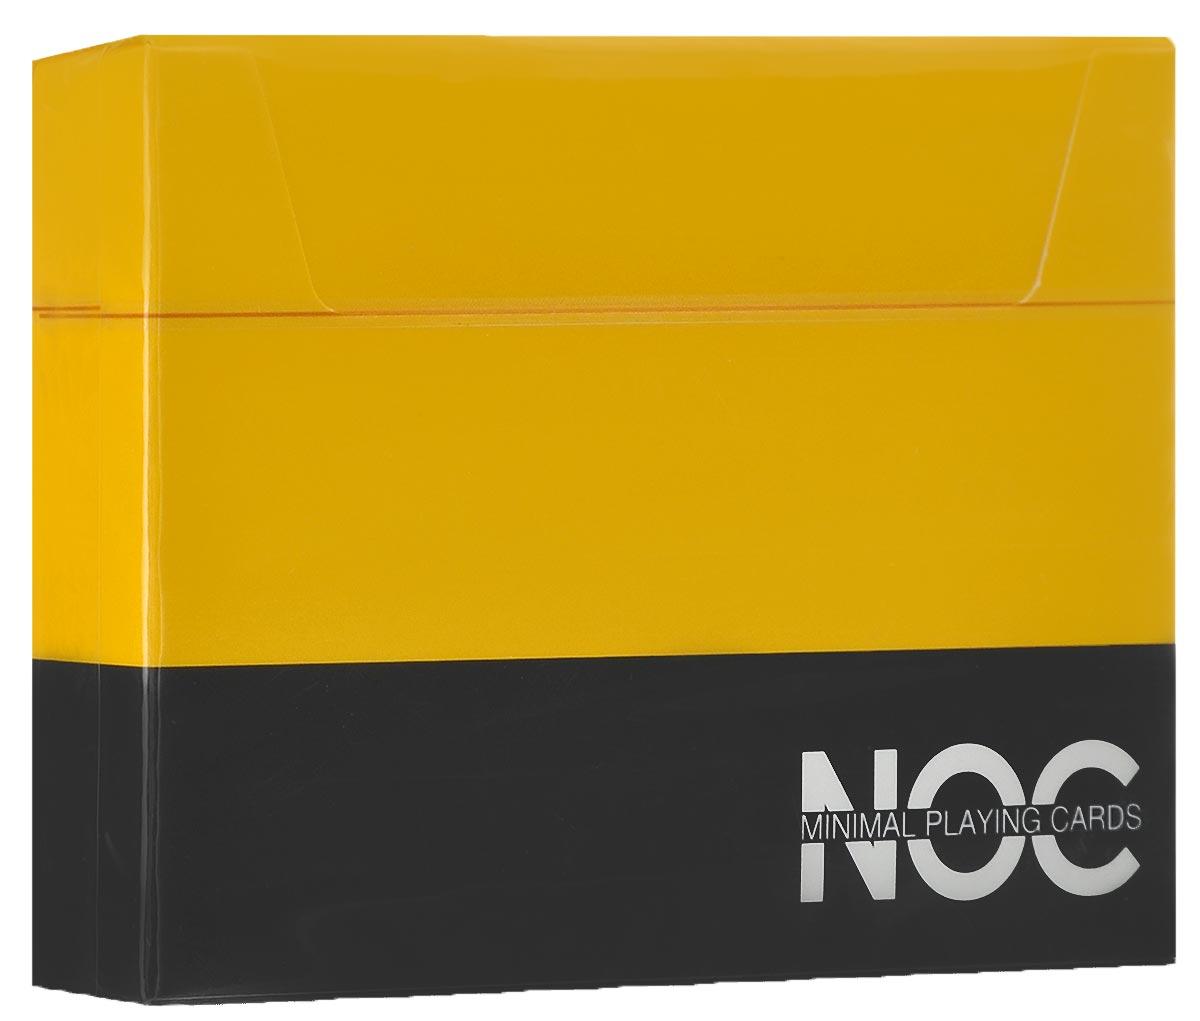 Игральные карты HOPC NOC V3 Deck, цвет: желтыйК-381Яркая, простая и элегантная колода HOPC NOC V3 Deck из серии минималистических карт прекрасно подойдет для любых целей! С каждым изданием авторы карт NOC стараются сделать их лучше и лучше. Дизайн NOC V3 включает в себя самое необходимое, без лишних деталей. Колода имеет изумительный желтый цвет рубашки, обведенный белой окантовкой. Игральные карты HOPC NOC V3 Deck отлично подойдут для фокусов, флоуришей и карточных игр.